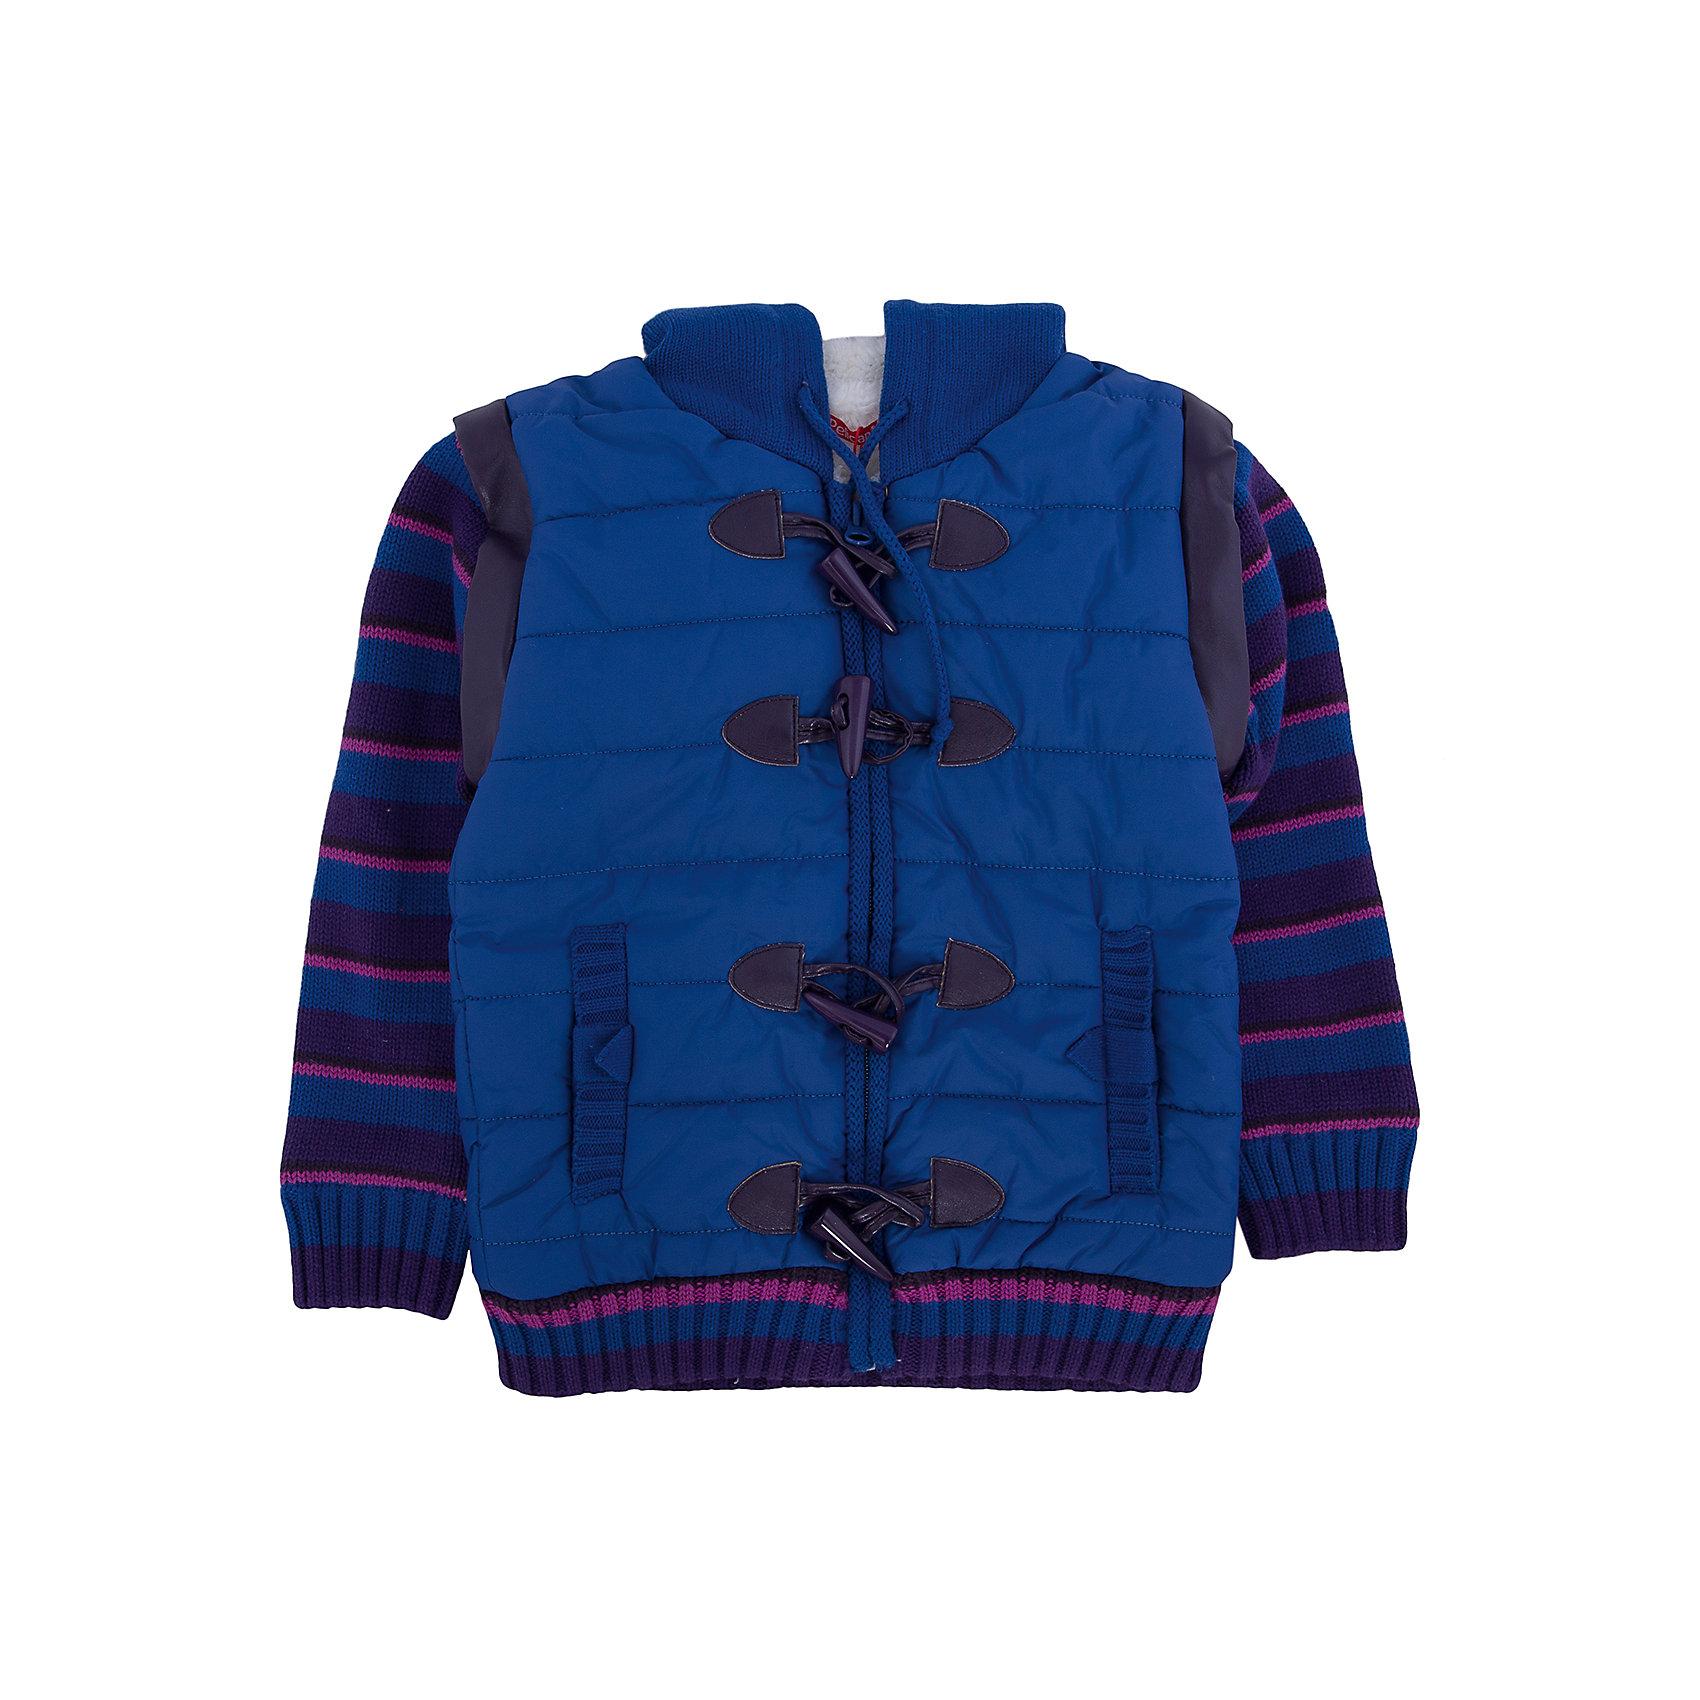 Куртка для девочки PELICANВерхняя одежда<br>Стильная утепленная куртка для девочки поможет разнообразить гардероб ребенка, создать подходящий ситуации и погоде образ. Удобный крой и качественный материал обеспечат ребенку комфорт при ношении этих вещей. <br>Куртка очень стильно смотрится благодаря актуальному дизайну. Подкладка сделана из искусственного меха, очень мягкого, теплого и приятного на ощупь. Есть съемные рукава на молнии, отделка - из искусственной кожи. На пуговицах и молнии, есть карманы и капюшон. Вставка - из дышащего натурального хлопка. <br><br>Дополнительная информация:<br><br>материал: полиэстер, хлопок;<br>застежка - пуговицы, молния;<br>цвет: фиолетовый;<br>капюшон;<br>карманы;<br>съемные рукава.<br><br>Куртку для девочки от бренда PELICAN (Пеликан) можно купить в нашем магазине.<br><br>Ширина мм: 356<br>Глубина мм: 10<br>Высота мм: 245<br>Вес г: 519<br>Цвет: фиолетовый<br>Возраст от месяцев: 24<br>Возраст до месяцев: 36<br>Пол: Женский<br>Возраст: Детский<br>Размер: 98,104,92,110<br>SKU: 4805058